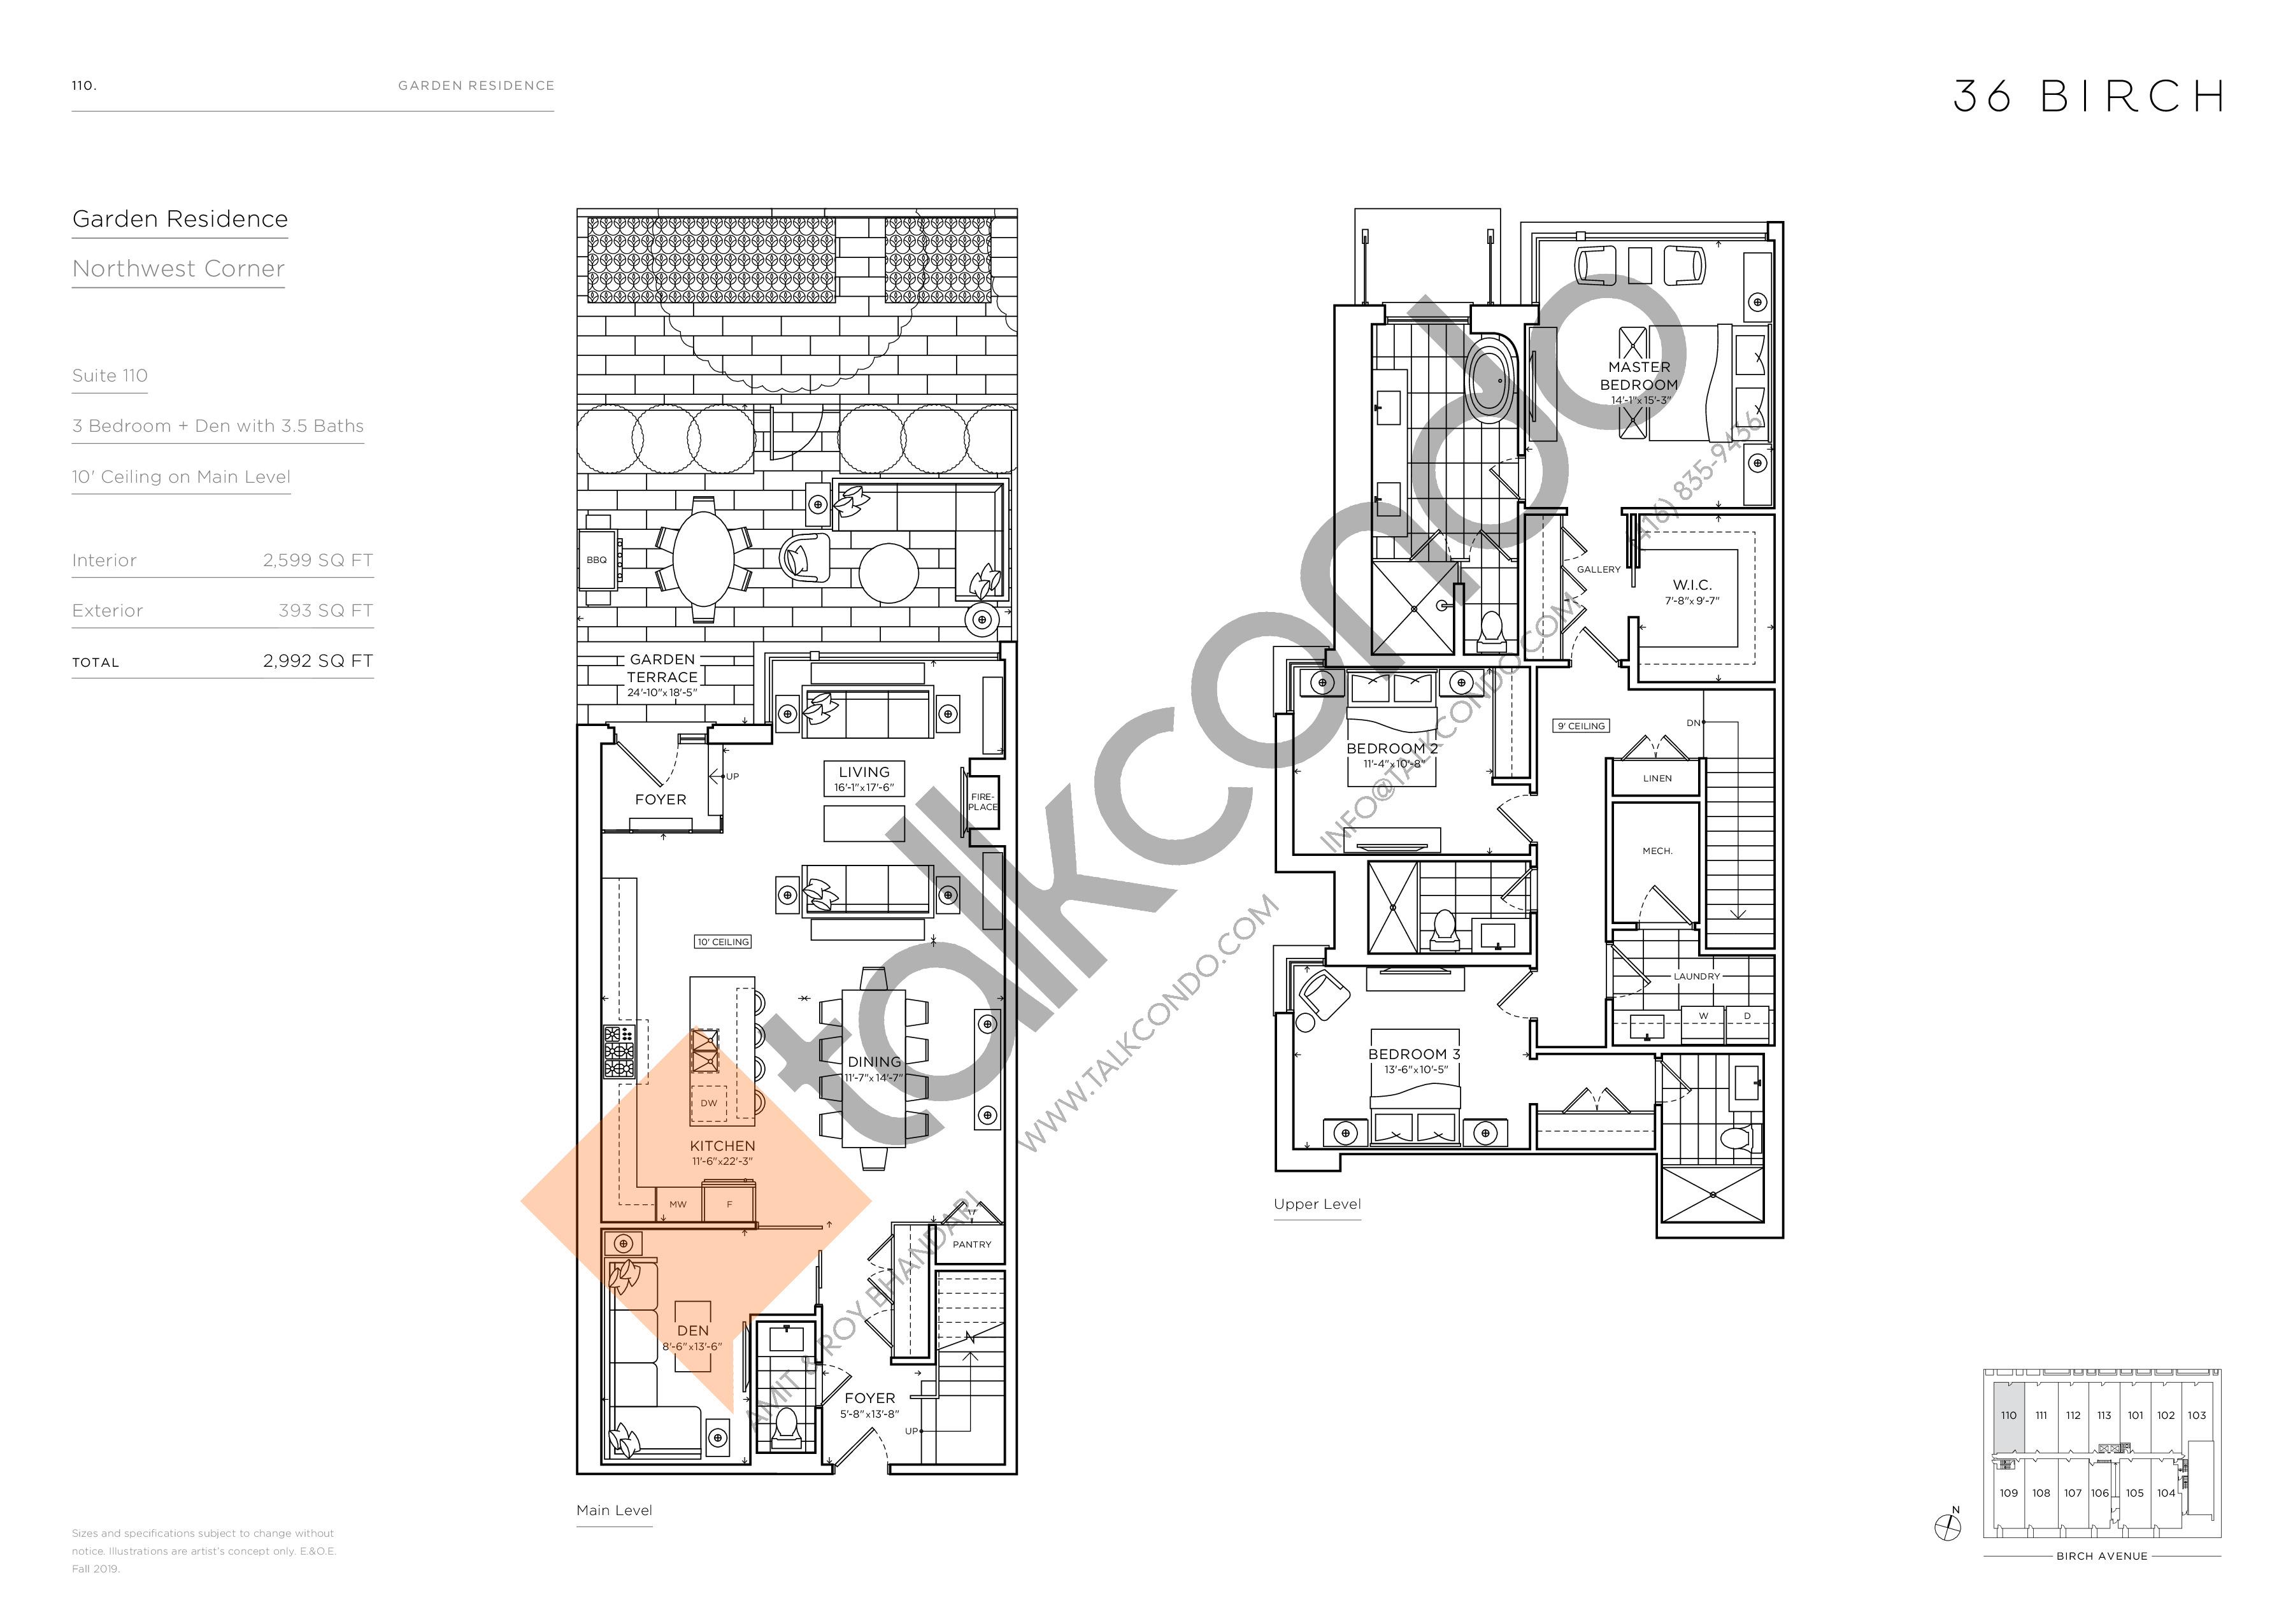 110 - Garden Residences Floor Plan at 36 Birch Avenue Condos - 2599 sq.ft